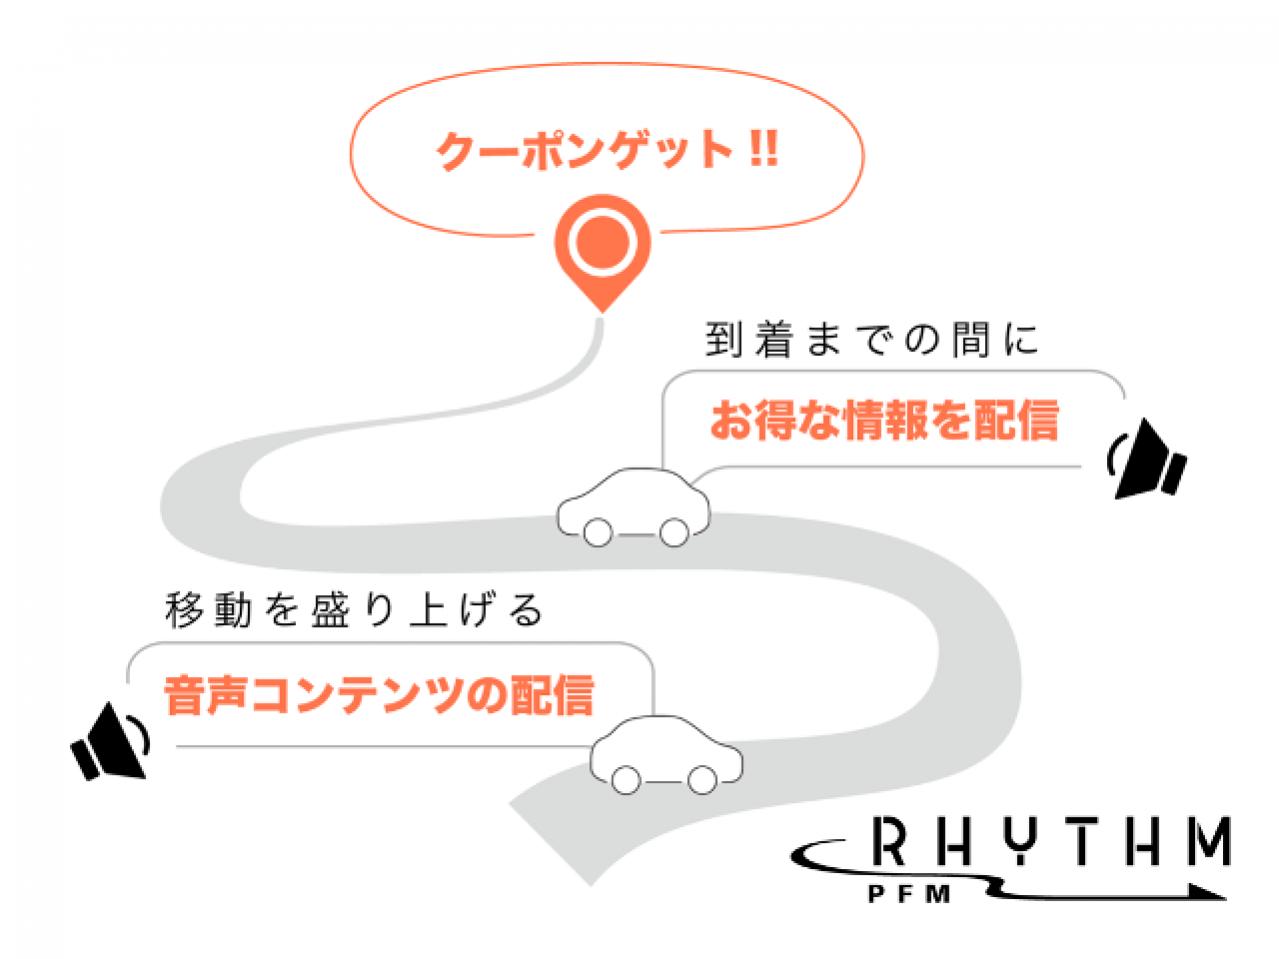 アイシン精機:知多半島道路沿道で「次世代広告システム」の実証実験を実施